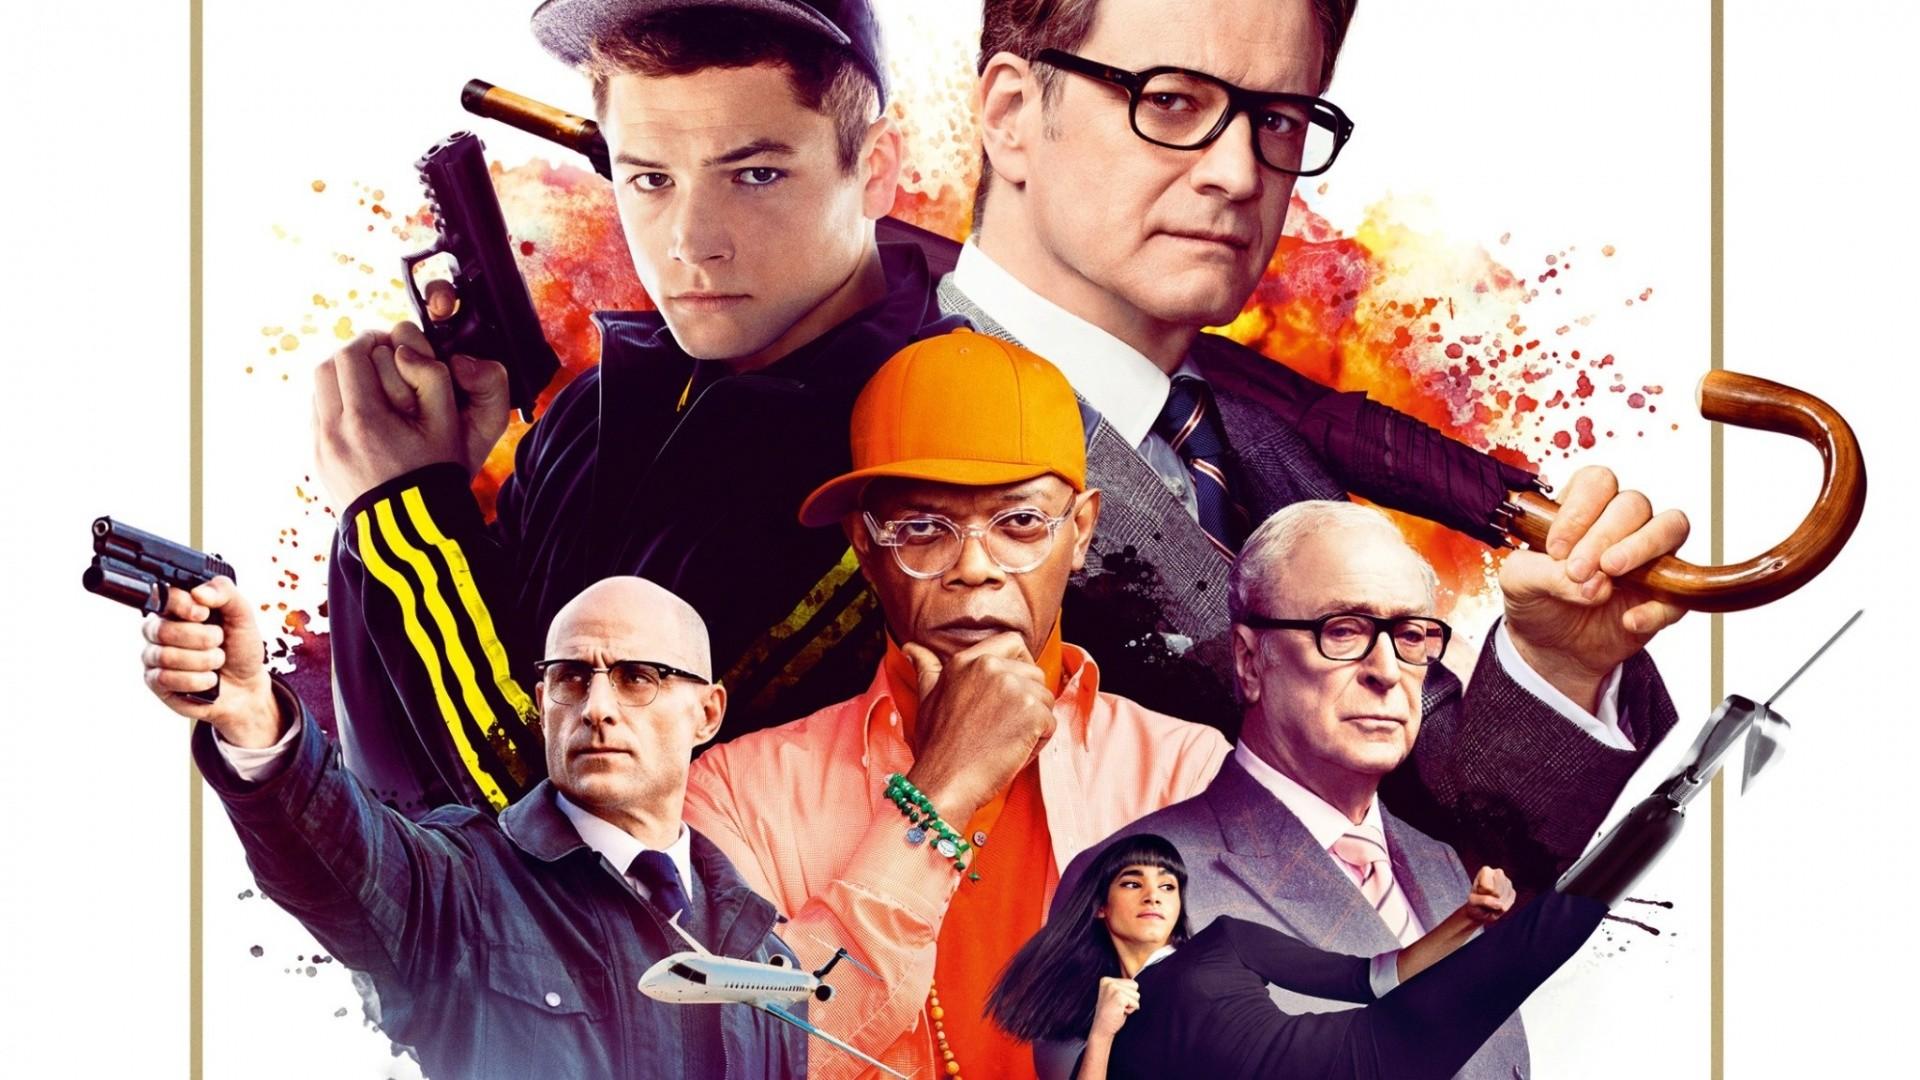 Res: 1920x1080, Movie - Kingsman: The Secret Service Colin Firth Taron Egerton Samuel L.  Jackson Michael